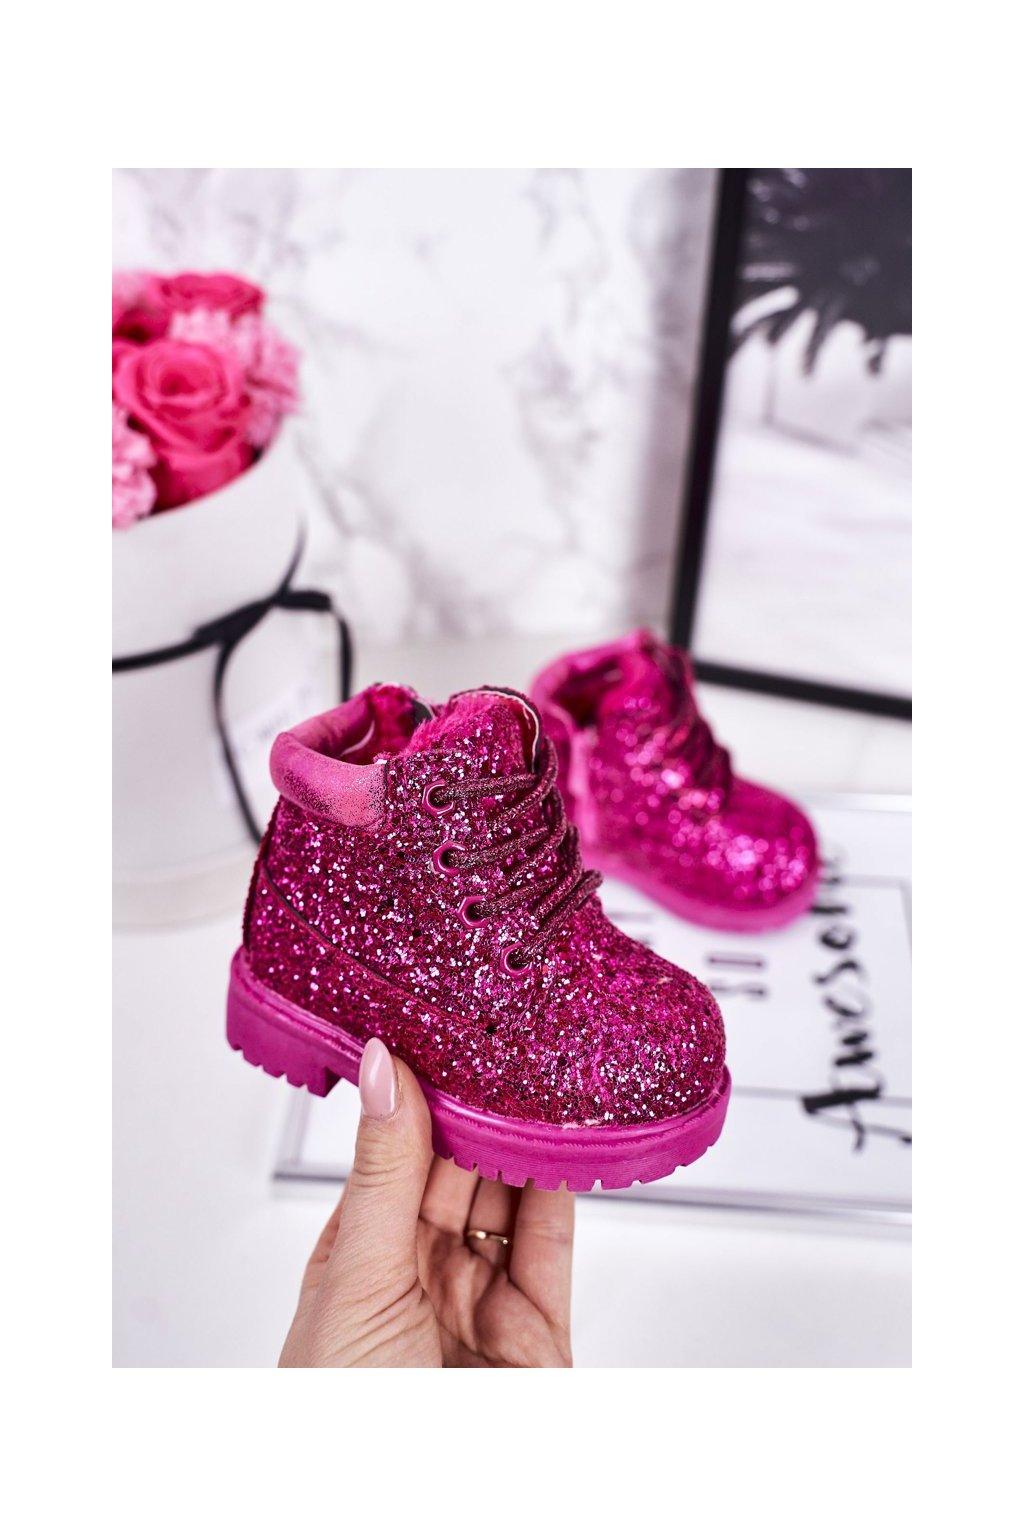 Detské členkové topánky farba ružová NJSK 20307-1C/2C PEACH